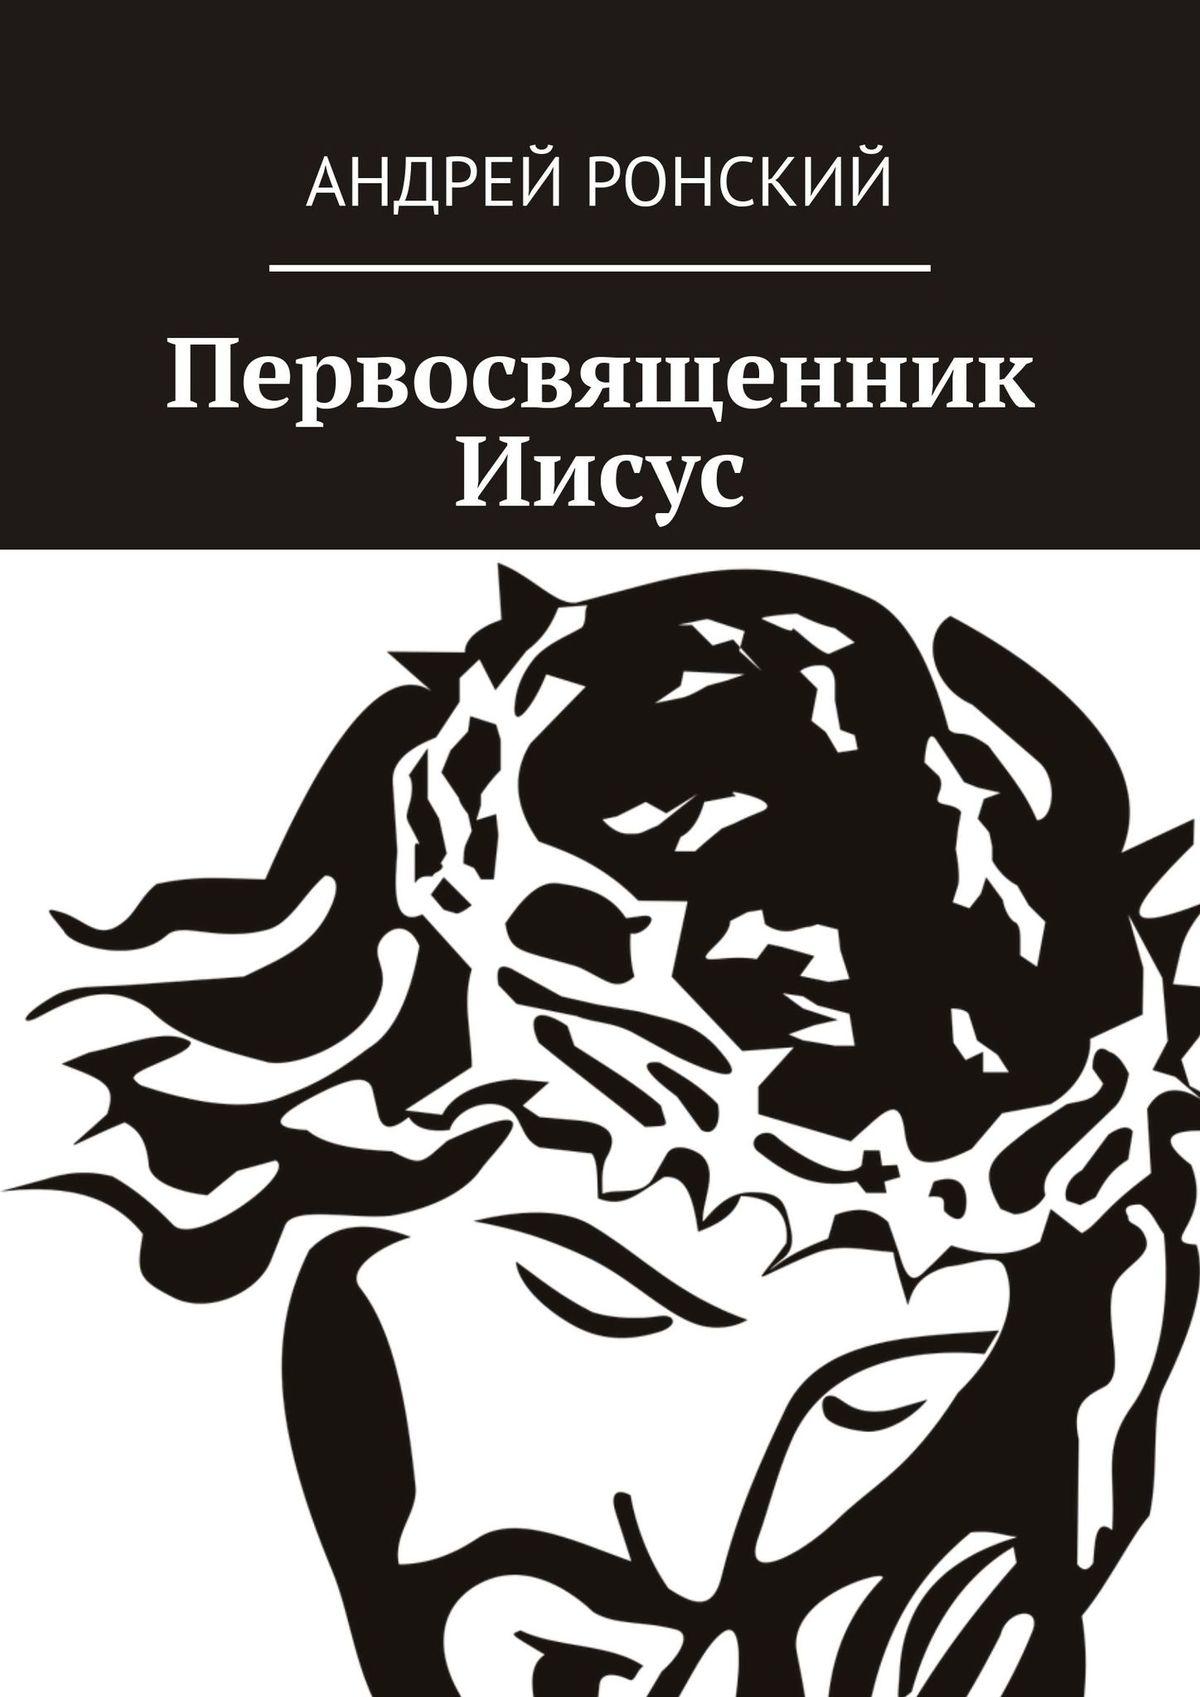 Андрей Ронский - Первосвященник Иисус